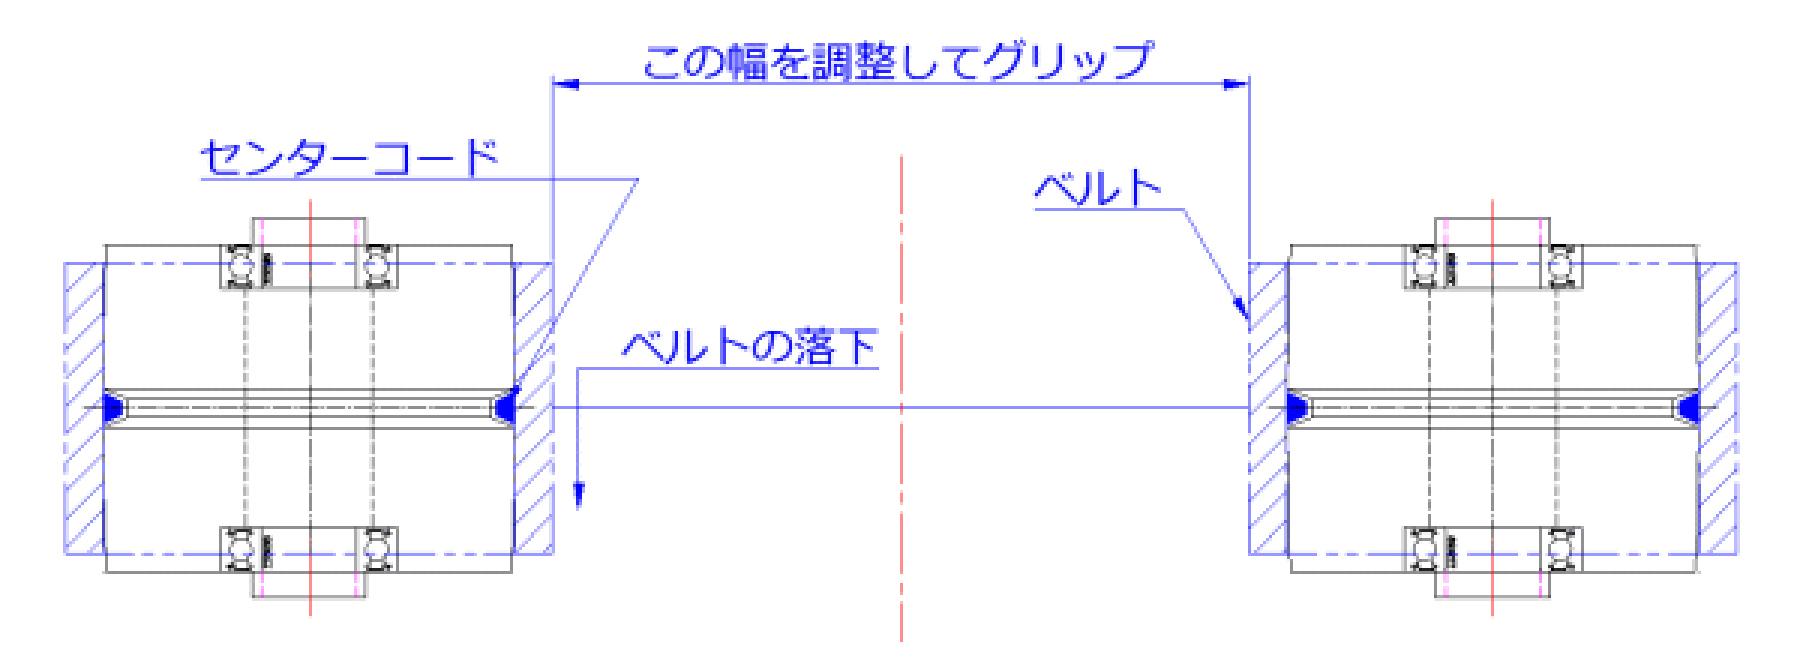 グリップコンベア構造